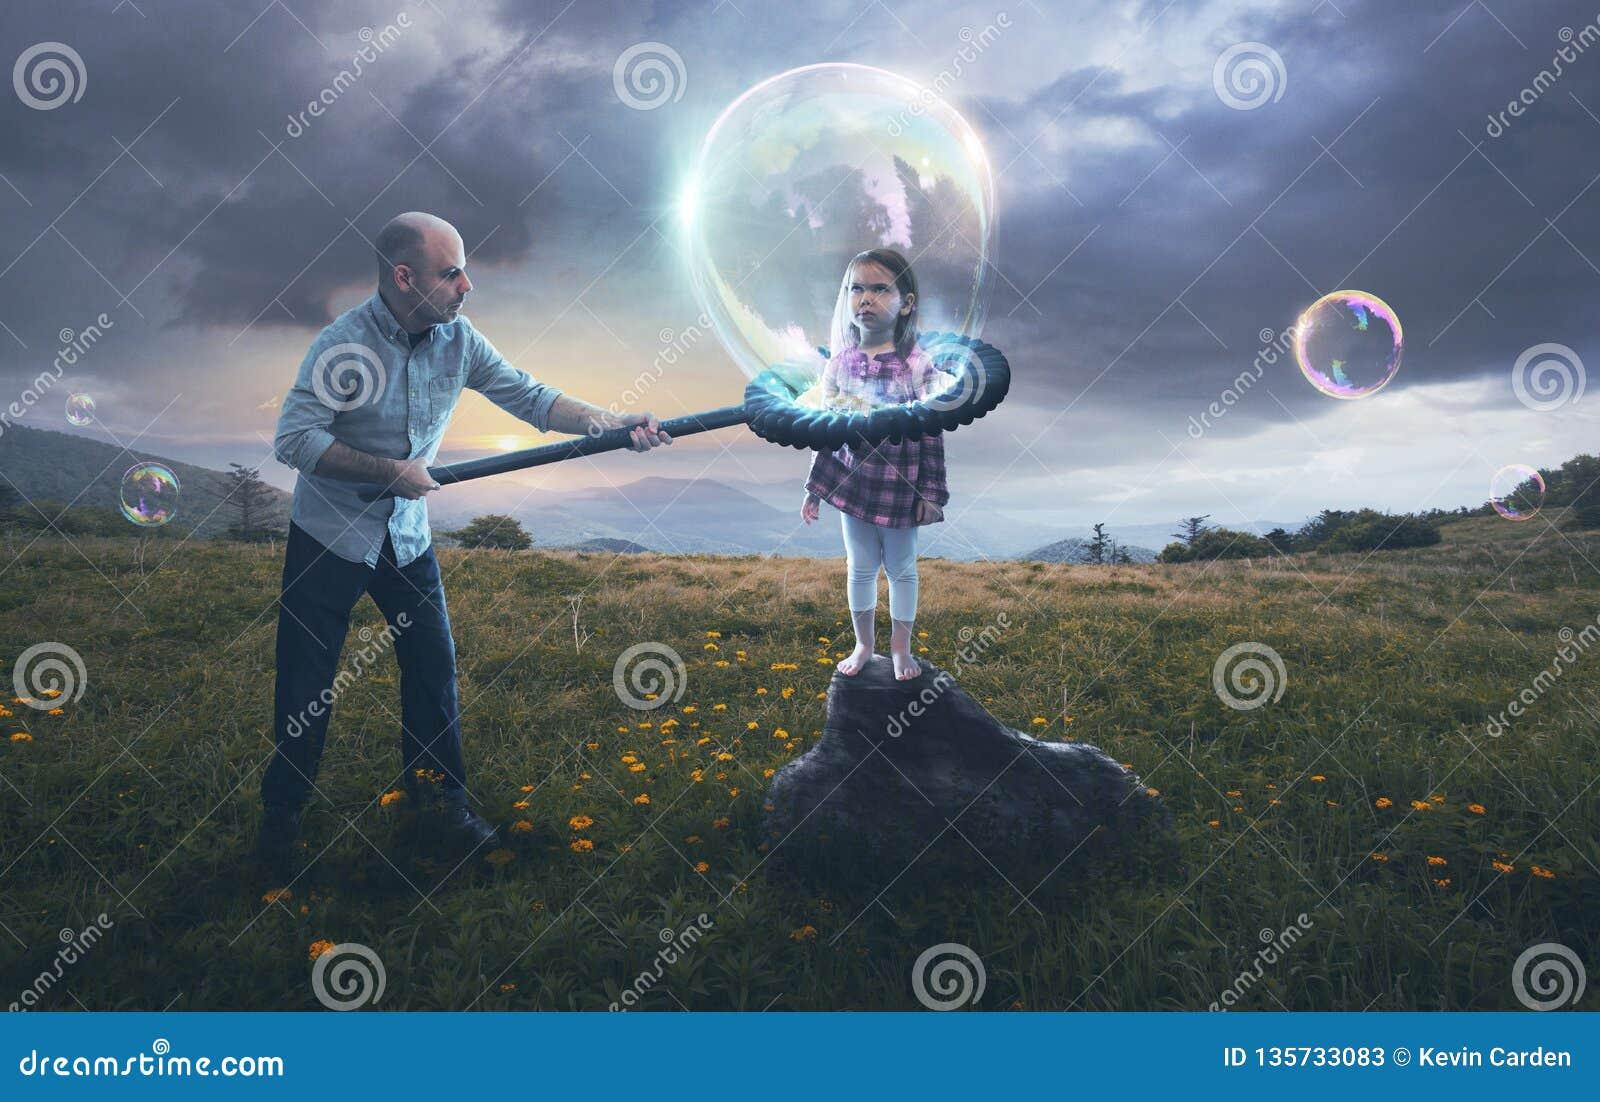 Pai que põe a criança em uma bolha